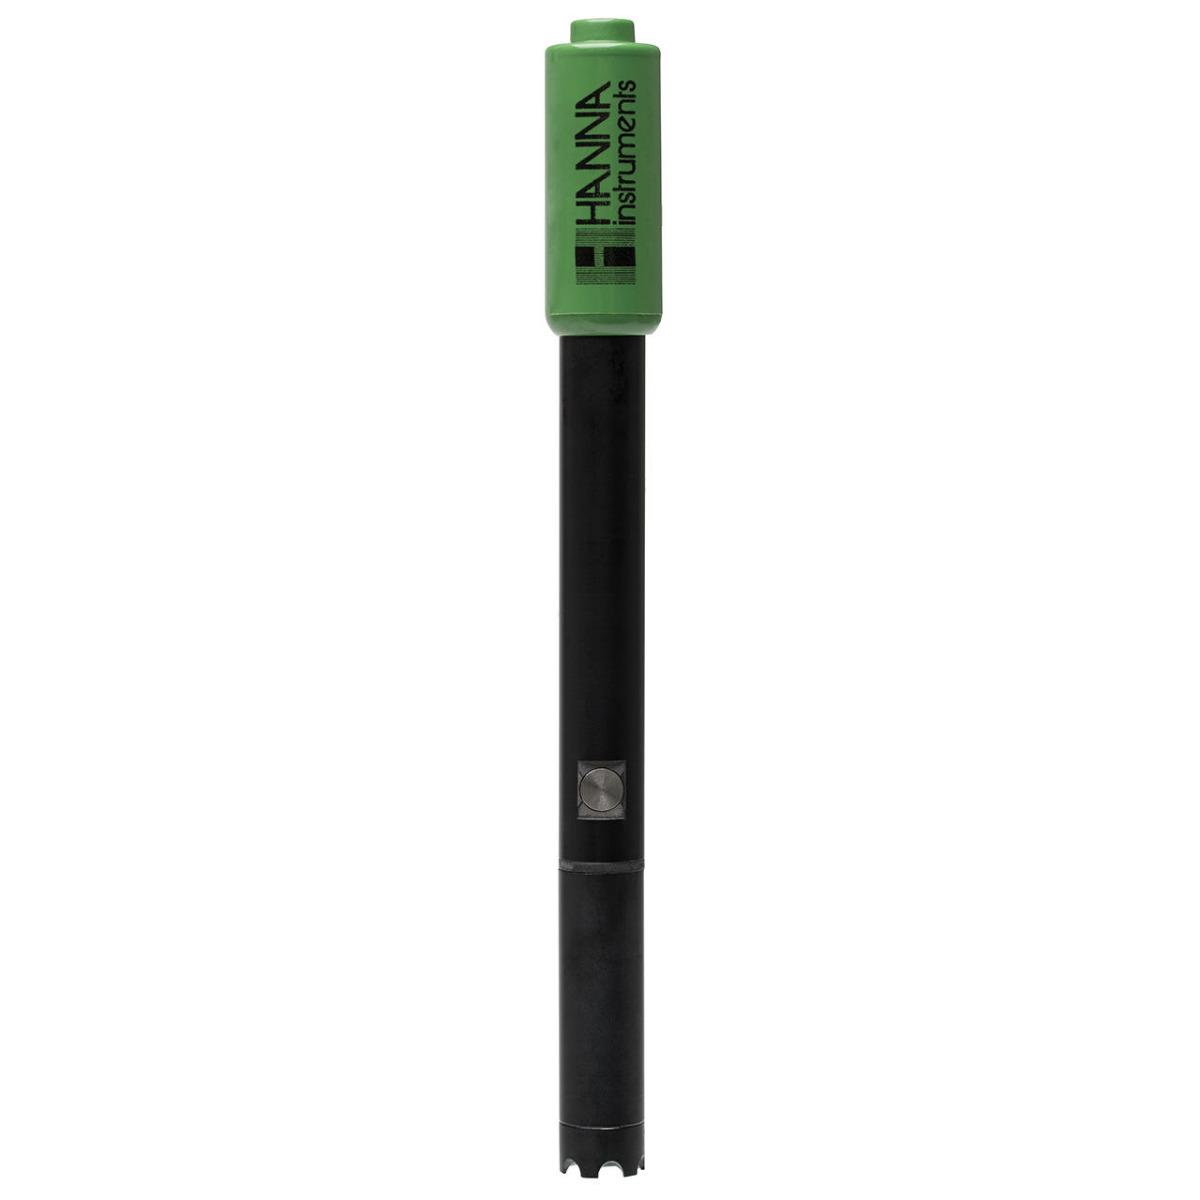 Sonda polarografica DO di ricambio con sensore di temperatura incorporato - HI76483